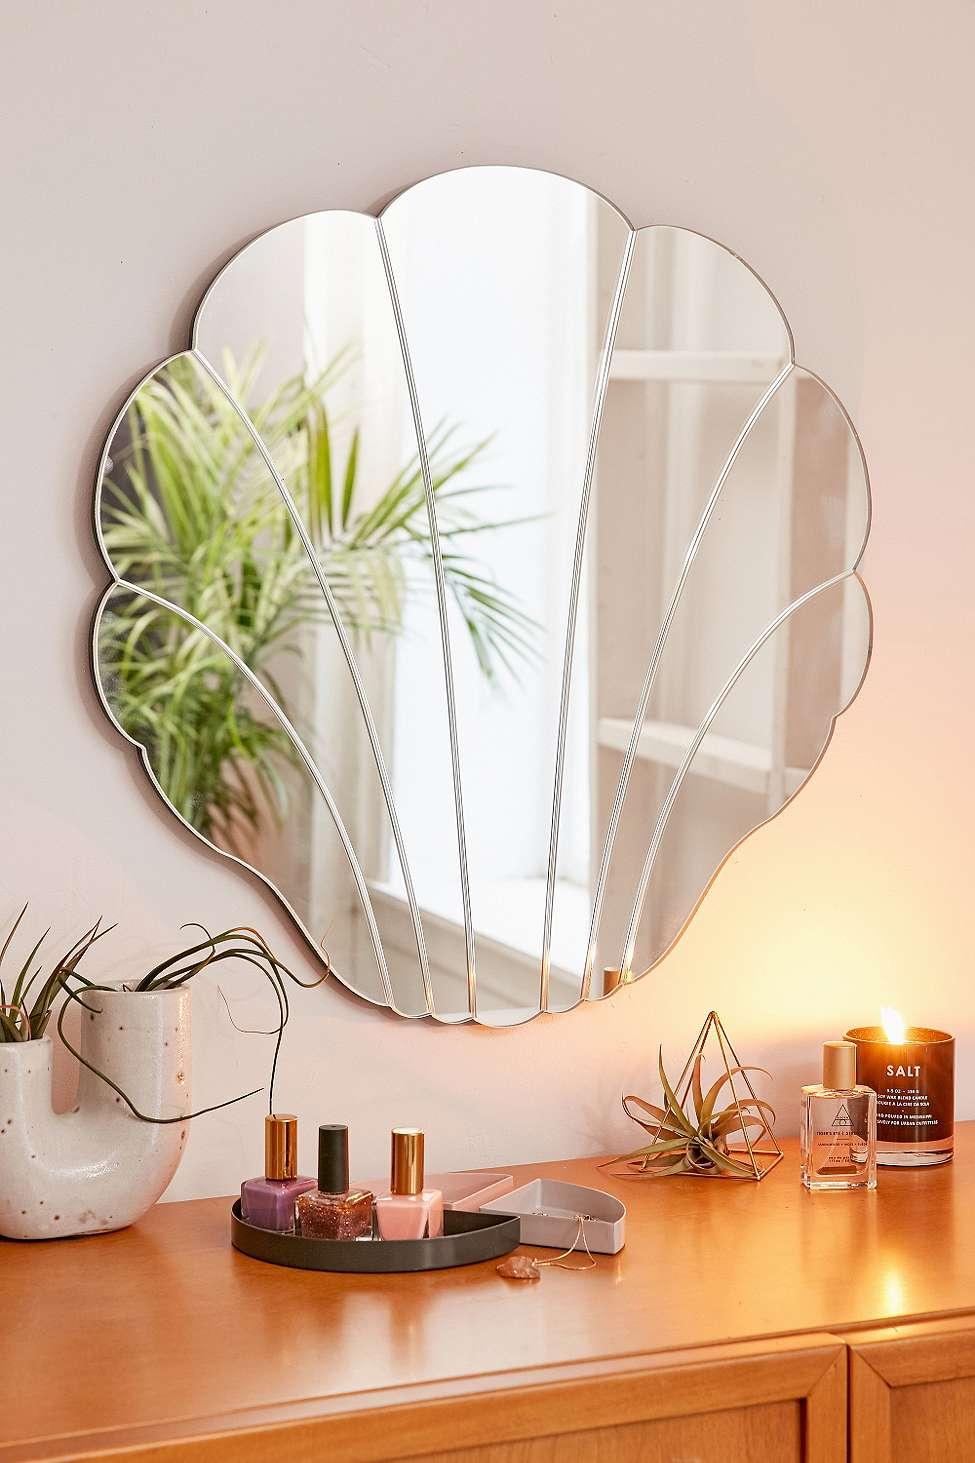 Slide View: 1: Miroir en forme de coquillage